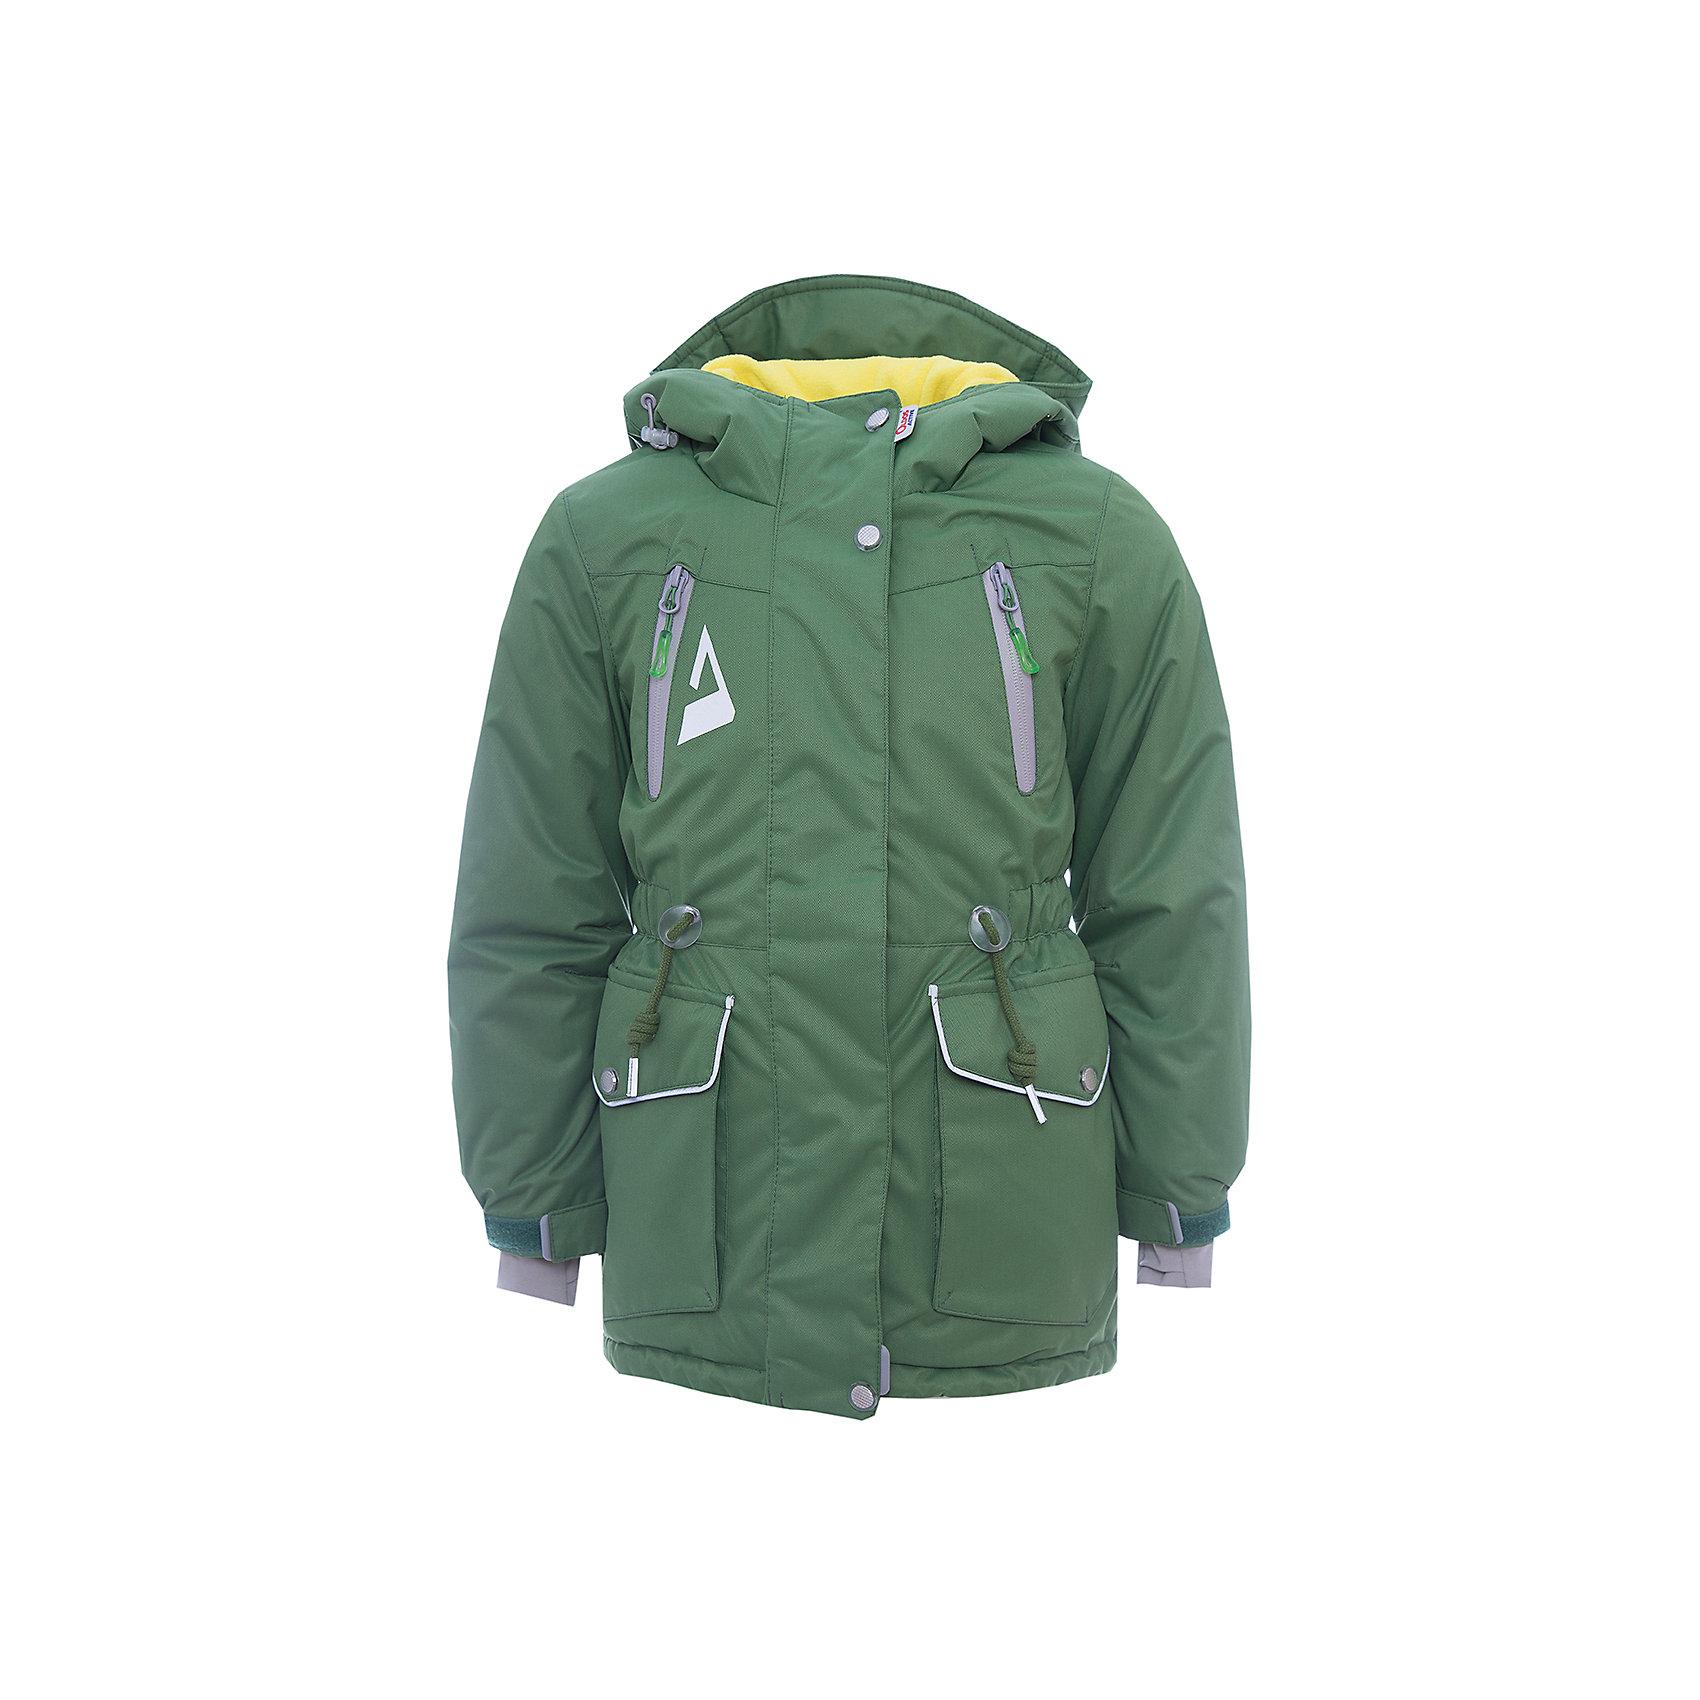 Куртка Киара OLDOS для девочкиВерхняя одежда<br>Характеристики товара:<br><br>• цвет: зеленый<br>• состав ткани: полиэстер, Teflon<br>• подкладка: флис<br>• утеплитель: Hollofan pro<br>• сезон: зима<br>• мембранное покрытие<br>• температурный режим: от -30 до +5<br>• водонепроницаемость: 5000 мм <br>• паропроницаемость: 5000 г/м2<br>• плотность утеплителя: 200 г/м2<br>• застежка: молния<br>• капюшон: без меха<br>• страна бренда: Россия<br>• страна изготовитель: Россия<br><br>Эта детская куртка от бренда Oldos теплая и легкая благодаря инновационным материалам. Теплая куртка для девочки дополнена элементами, помогающими подогнать её размер под ребенка. Детская зимняя куртка создана с применением мембранной технологии, она рассчитана даже на сильные морозы. <br><br>Куртку Киара Oldos (Олдос) для девочки можно купить в нашем интернет-магазине.<br><br>Ширина мм: 356<br>Глубина мм: 10<br>Высота мм: 245<br>Вес г: 519<br>Цвет: зеленый<br>Возраст от месяцев: 108<br>Возраст до месяцев: 120<br>Пол: Женский<br>Возраст: Детский<br>Размер: 140,146,152,158,110,116,122,128,134<br>SKU: 7015727